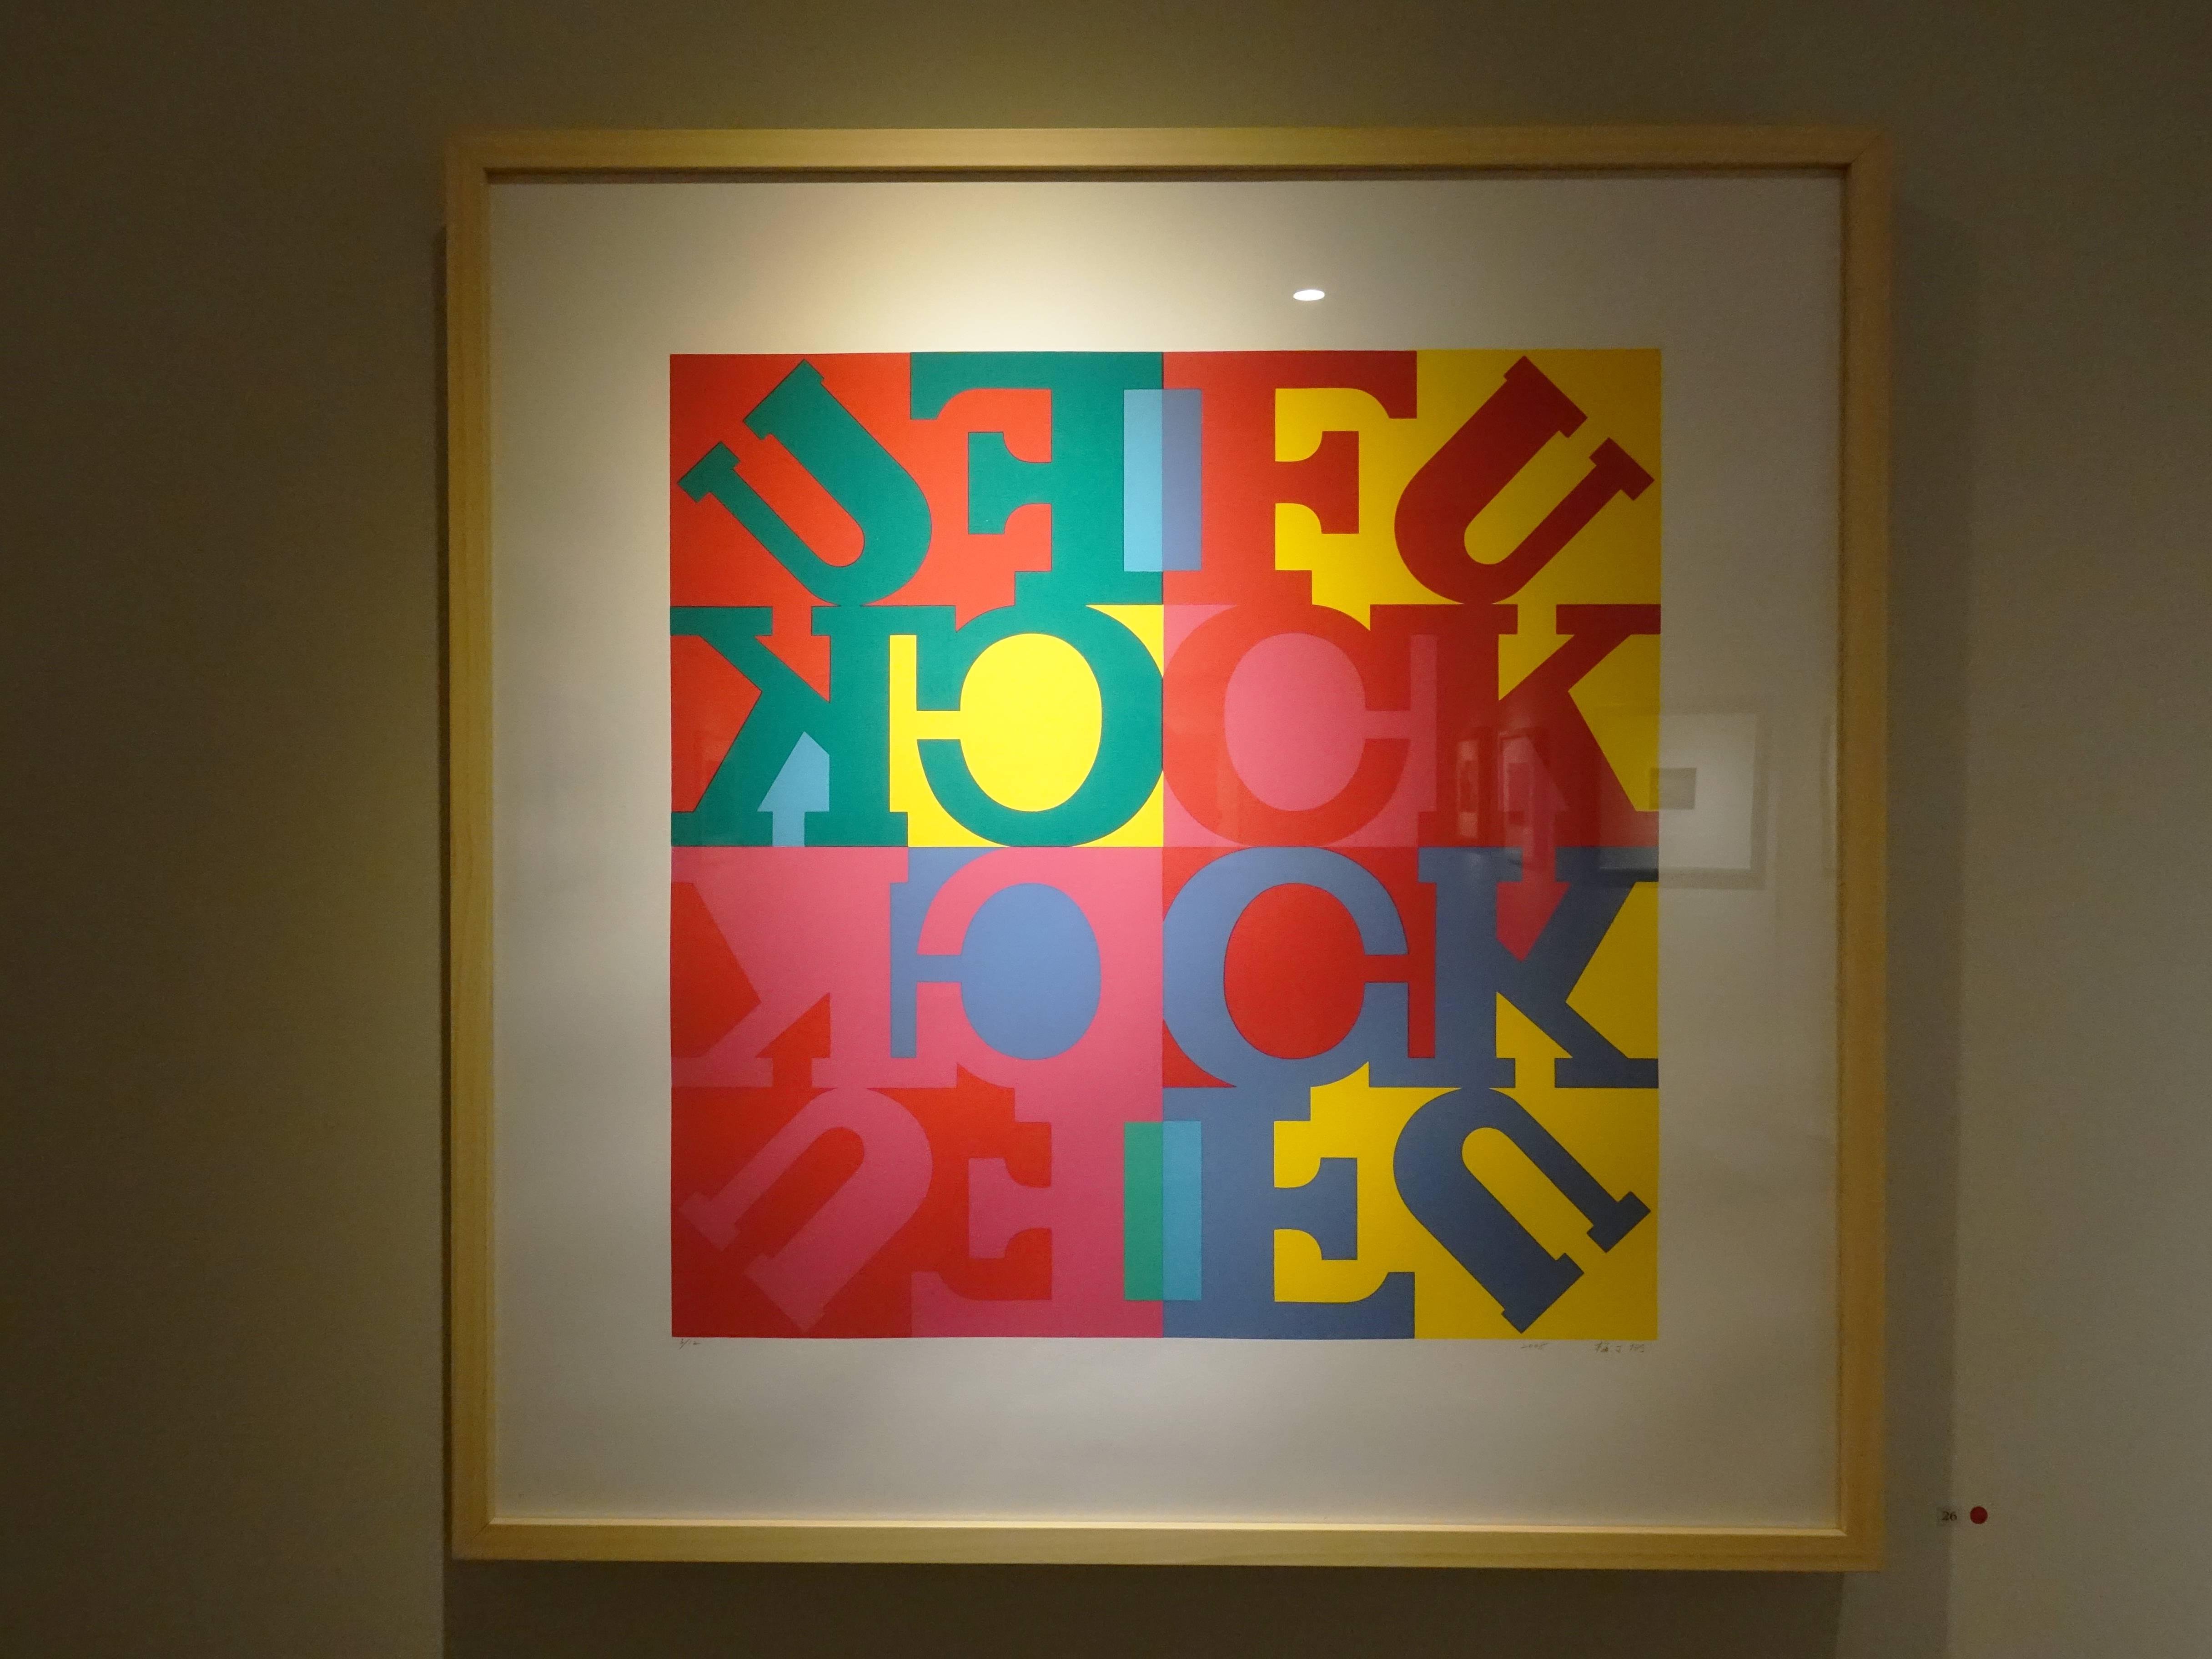 梅丁衍,《發可》,60 x 60 cm,3/12,絹版,2008。